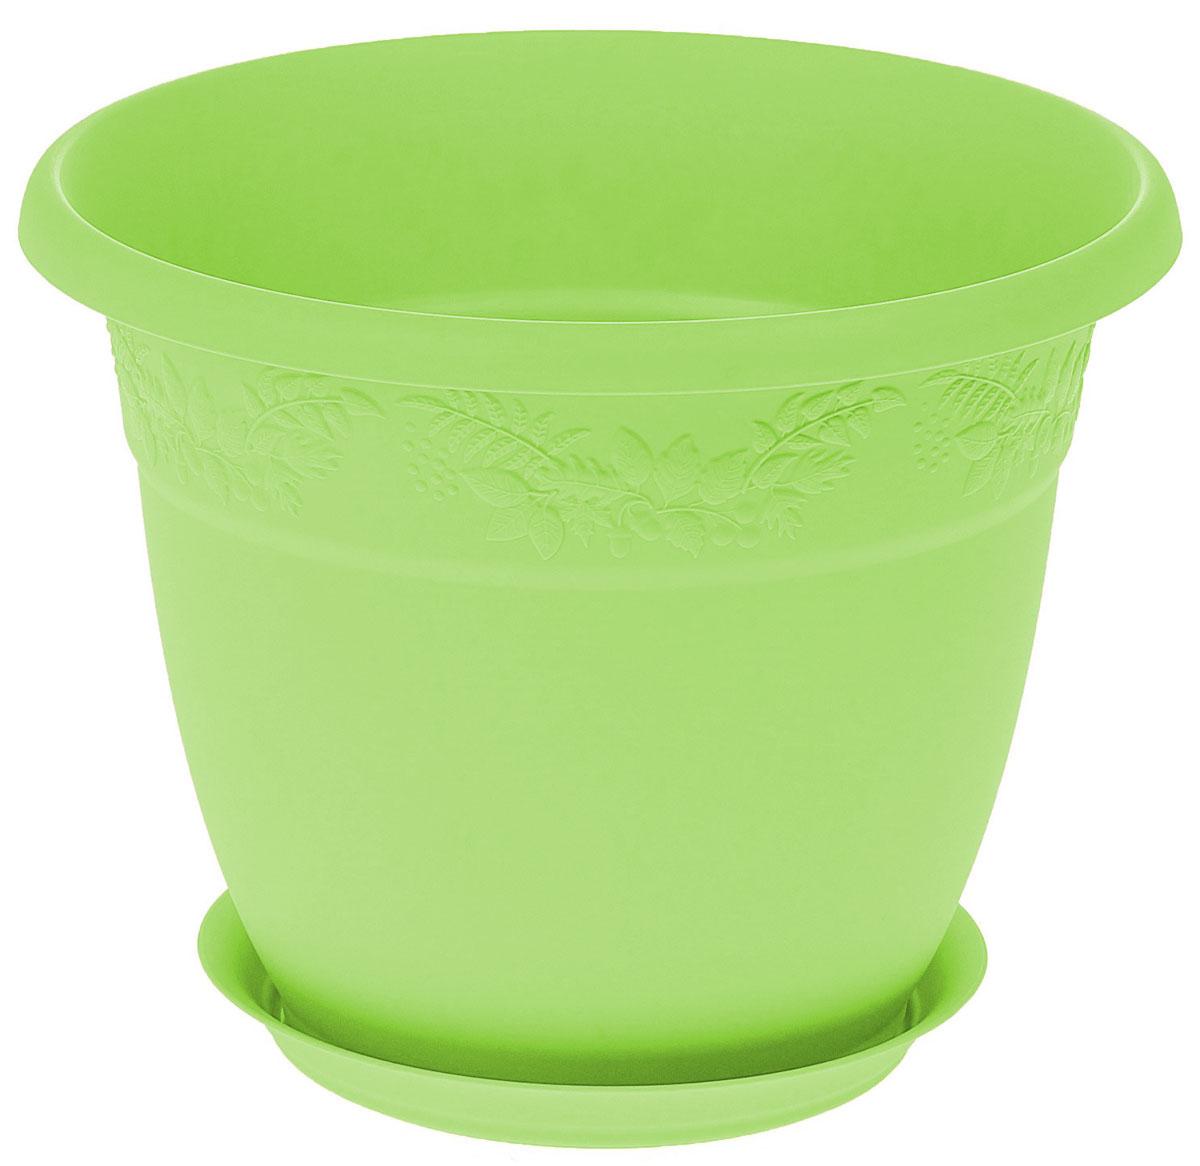 Кашпо Idea Рябина, с поддоном, цвет: мята, 3,6 лМ 3055Кашпо Idea Рябина изготовлено из высококачественного полипропилена (пластика). Специальный поддон предназначен для стока воды. Изделие прекрасно подходит для выращивания растений и цветов в домашних условиях. Лаконичный дизайн впишется в интерьер любого помещения. Диаметр поддона: 15 см. Объем кашпо: 3,6 л. Диаметр кашпо по верхнему краю: 22 см. Высота кашпо: 17,5 см.